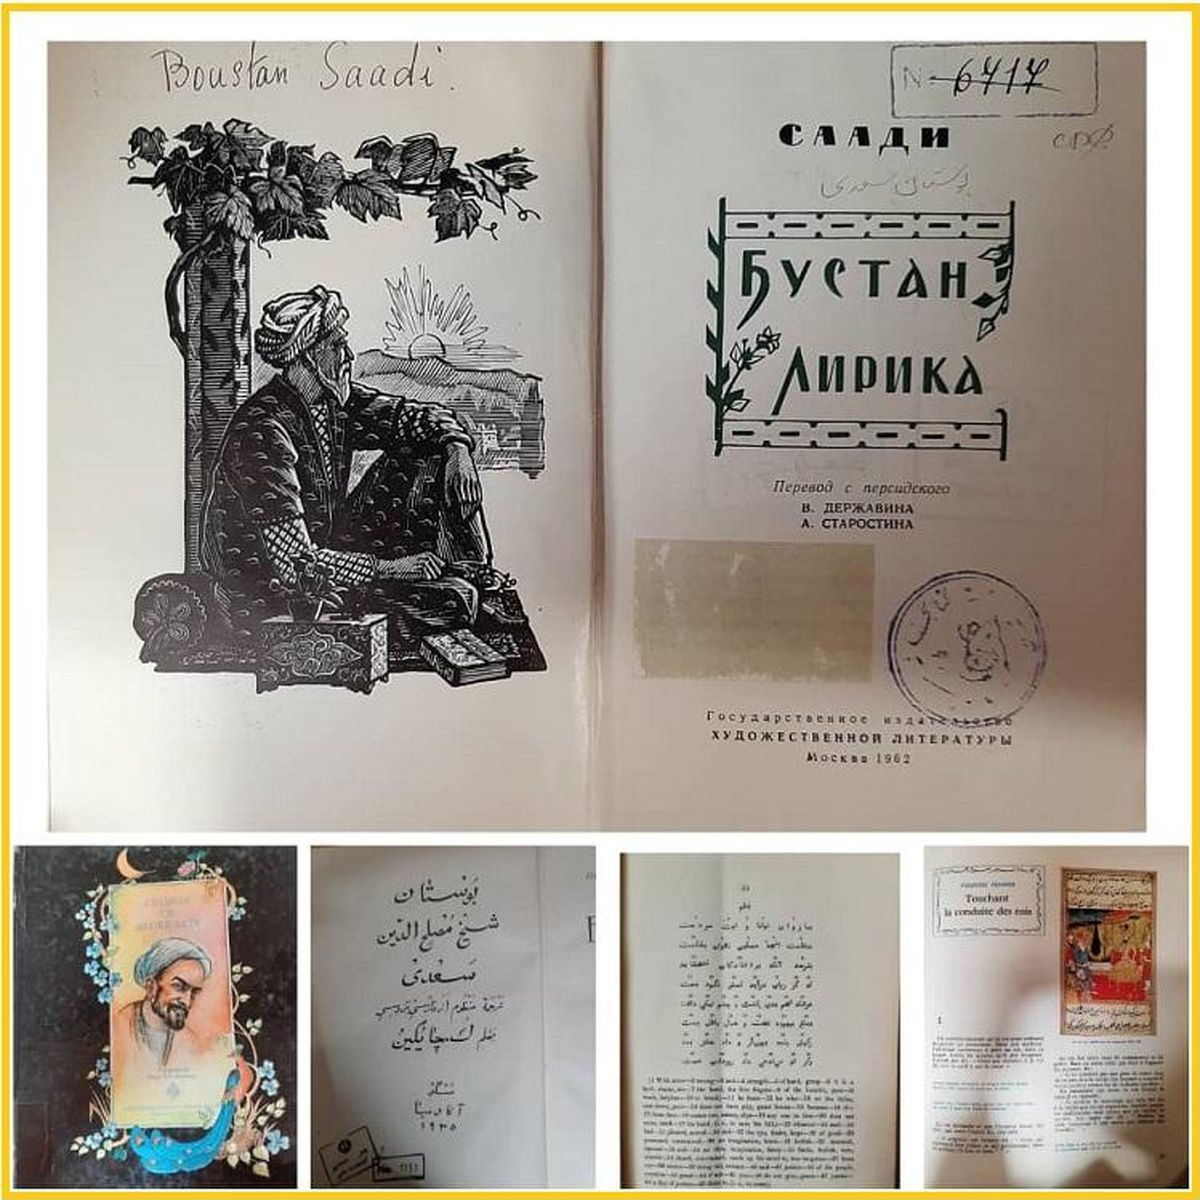 نگهداری بیش از 100 ترجمه قدیمی آثار سعدی در کتابخانه ملی ایران